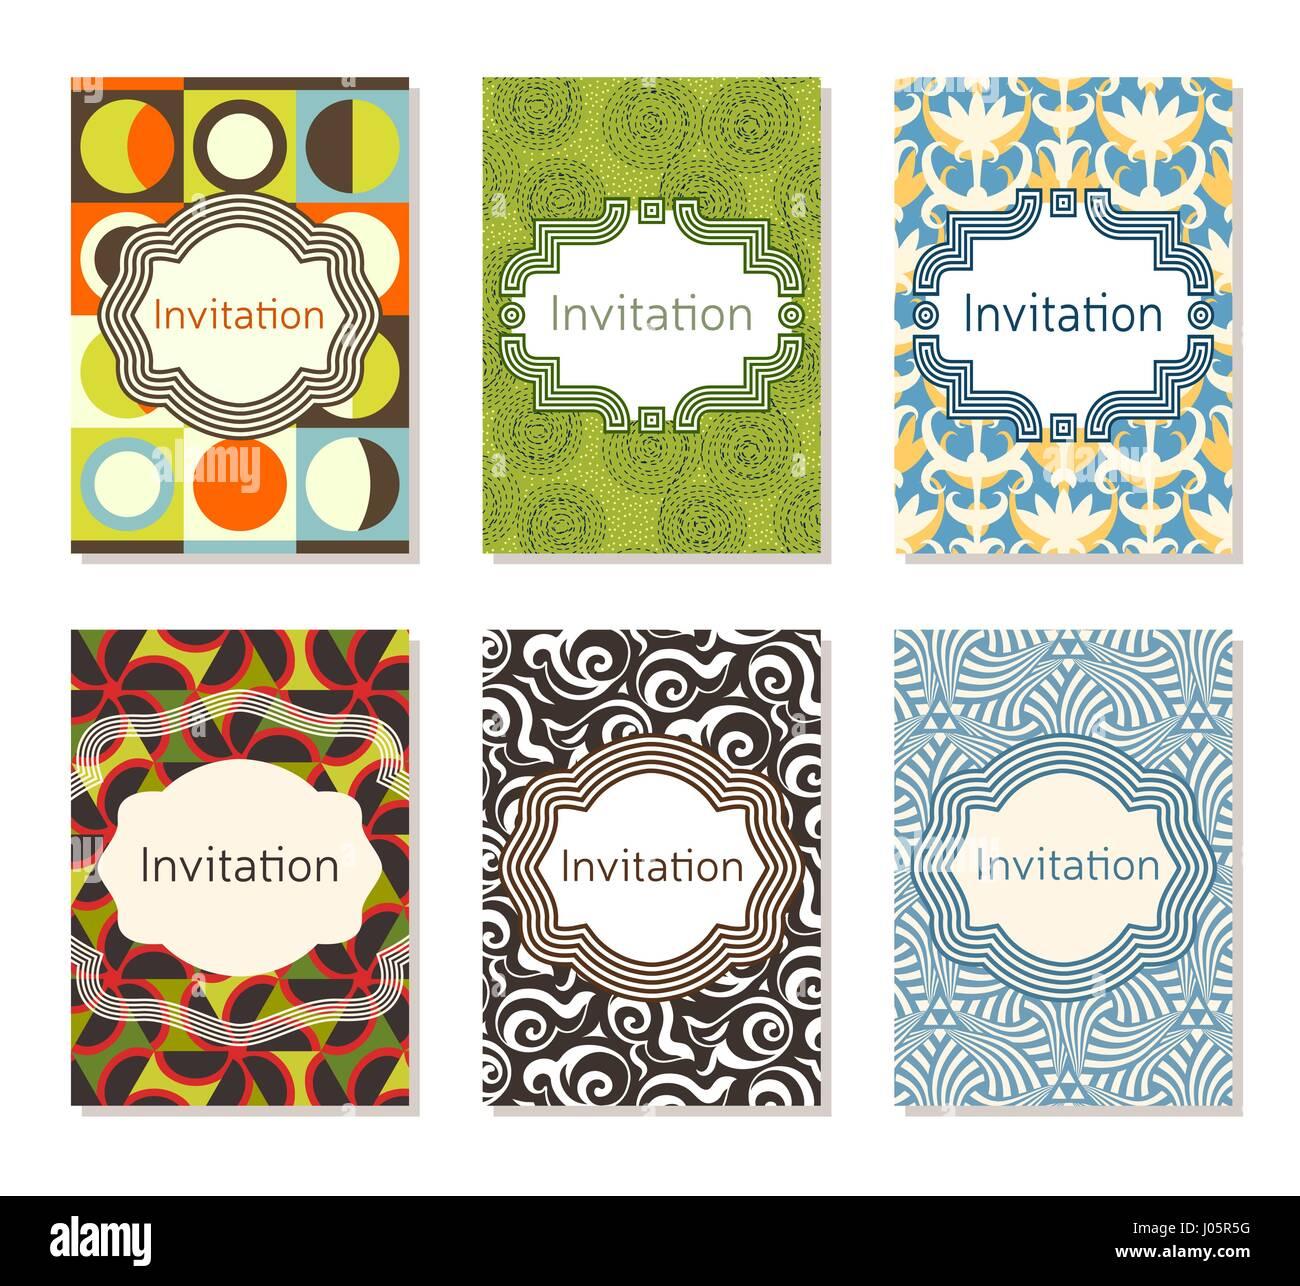 Tarjeta De Invitación A Una Plantilla De Diseño Diseño